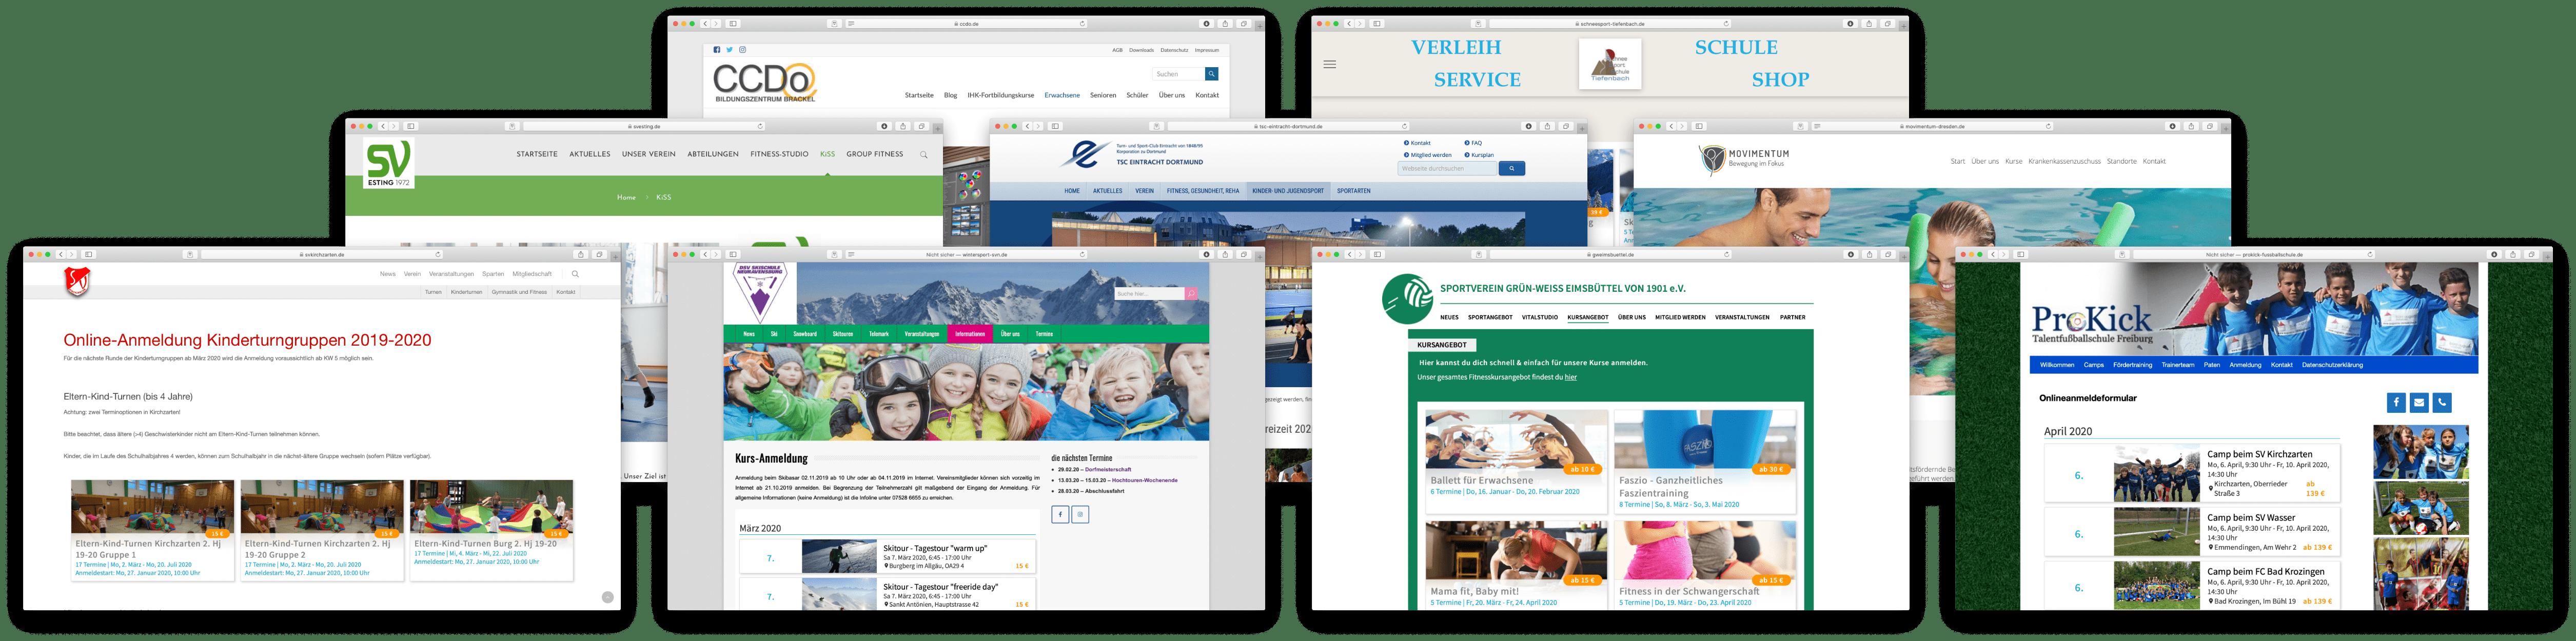 Kundenbeispiele Homepages